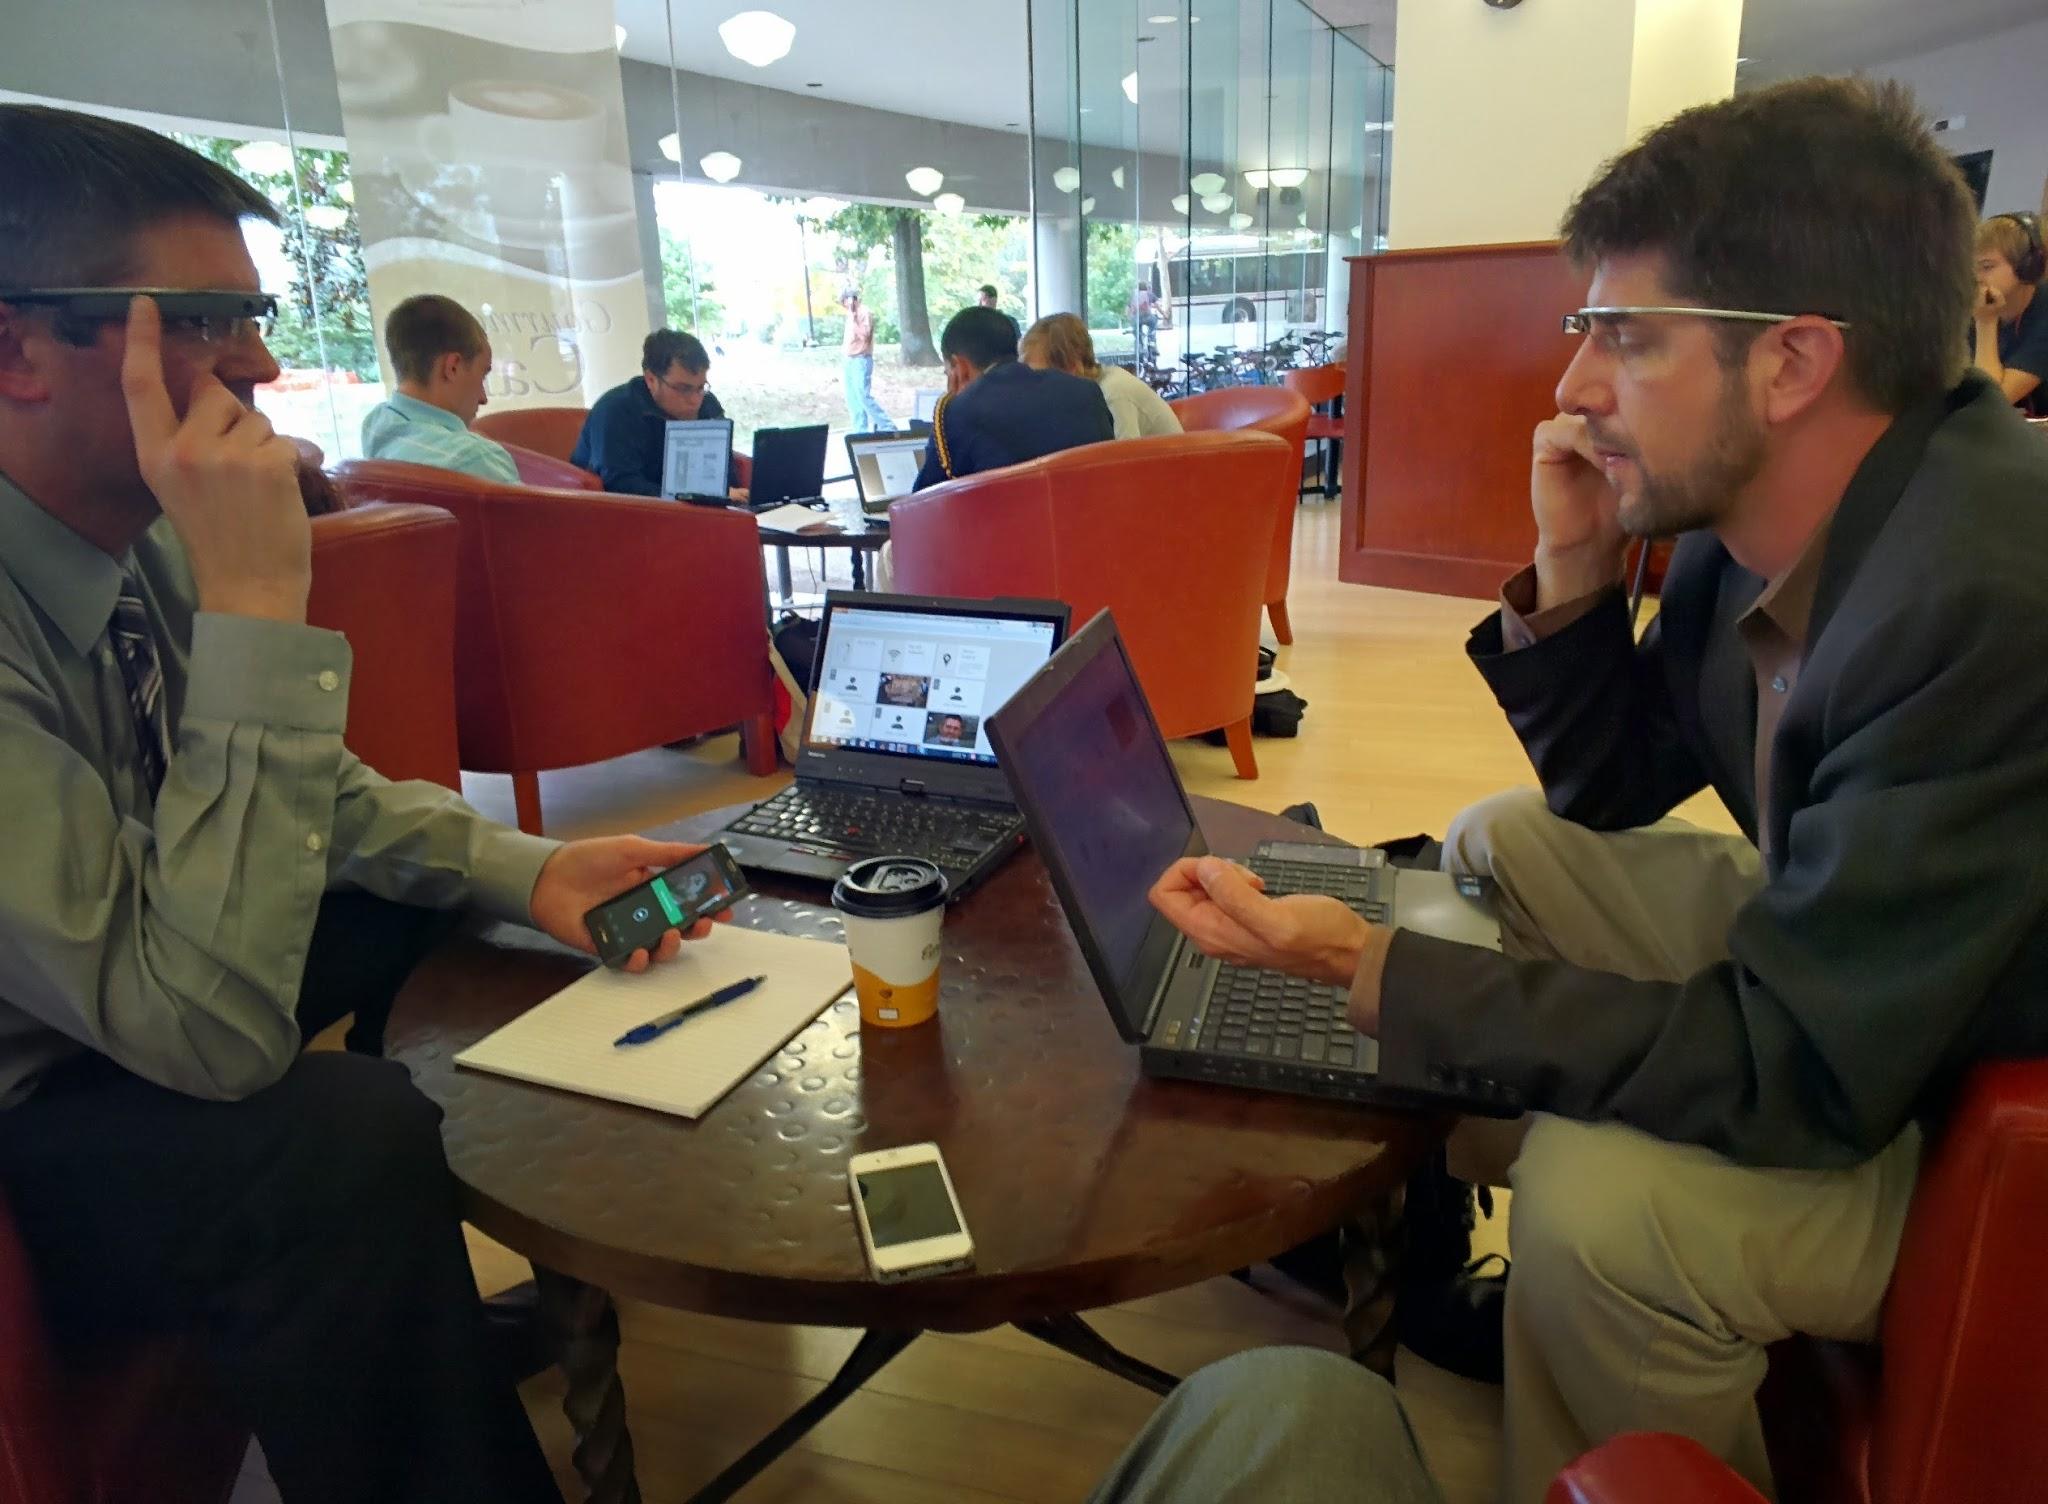 Image:http://blogs.lt.vt.edu/techteams/2014/04/08/google-glass-a-tech-teams-white-paper/